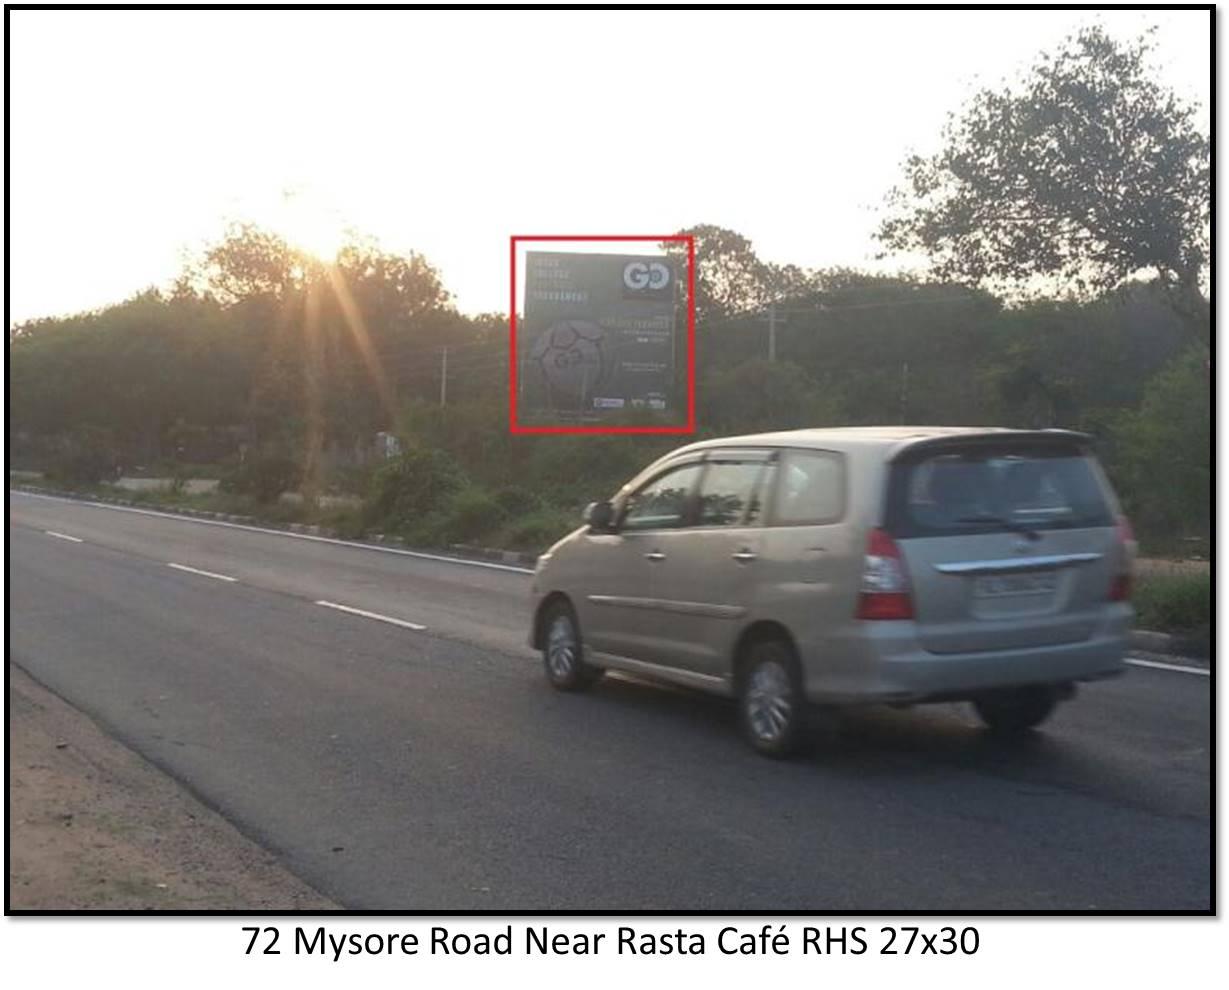 Mysore Road Near Rasta Caf